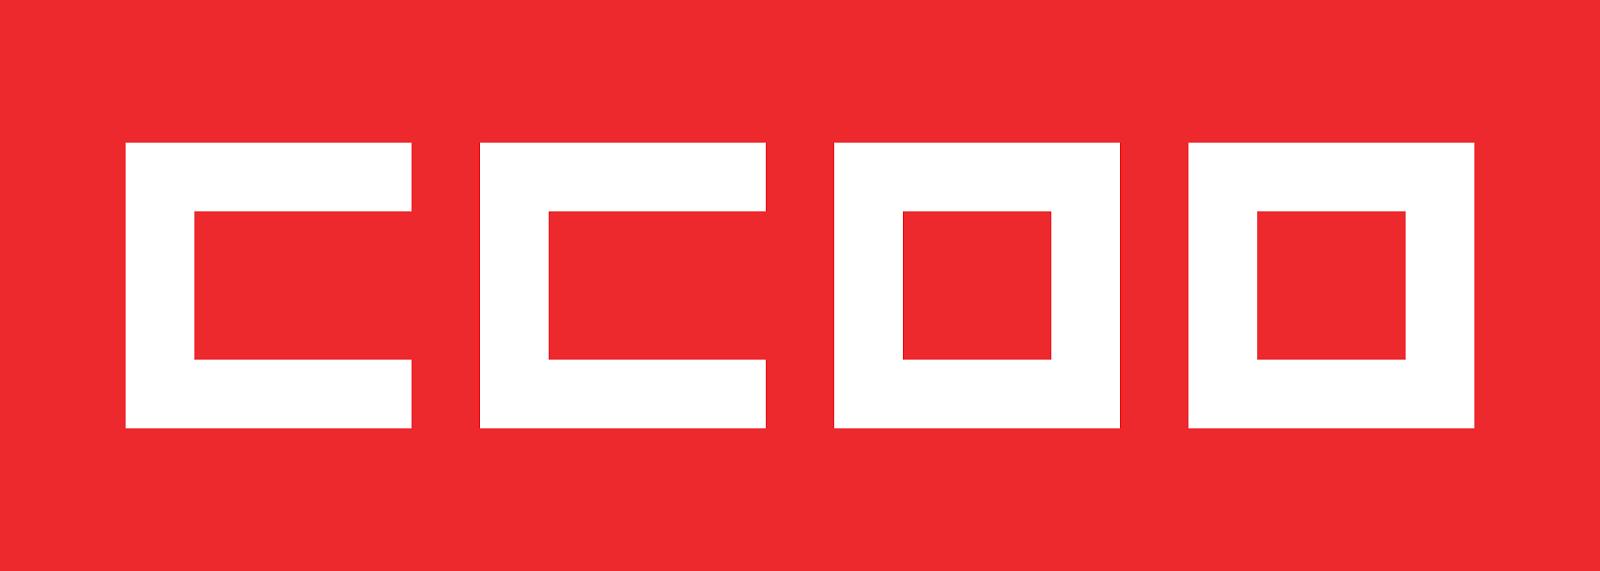 Logotipo del sindicato Comisiones Obreras.